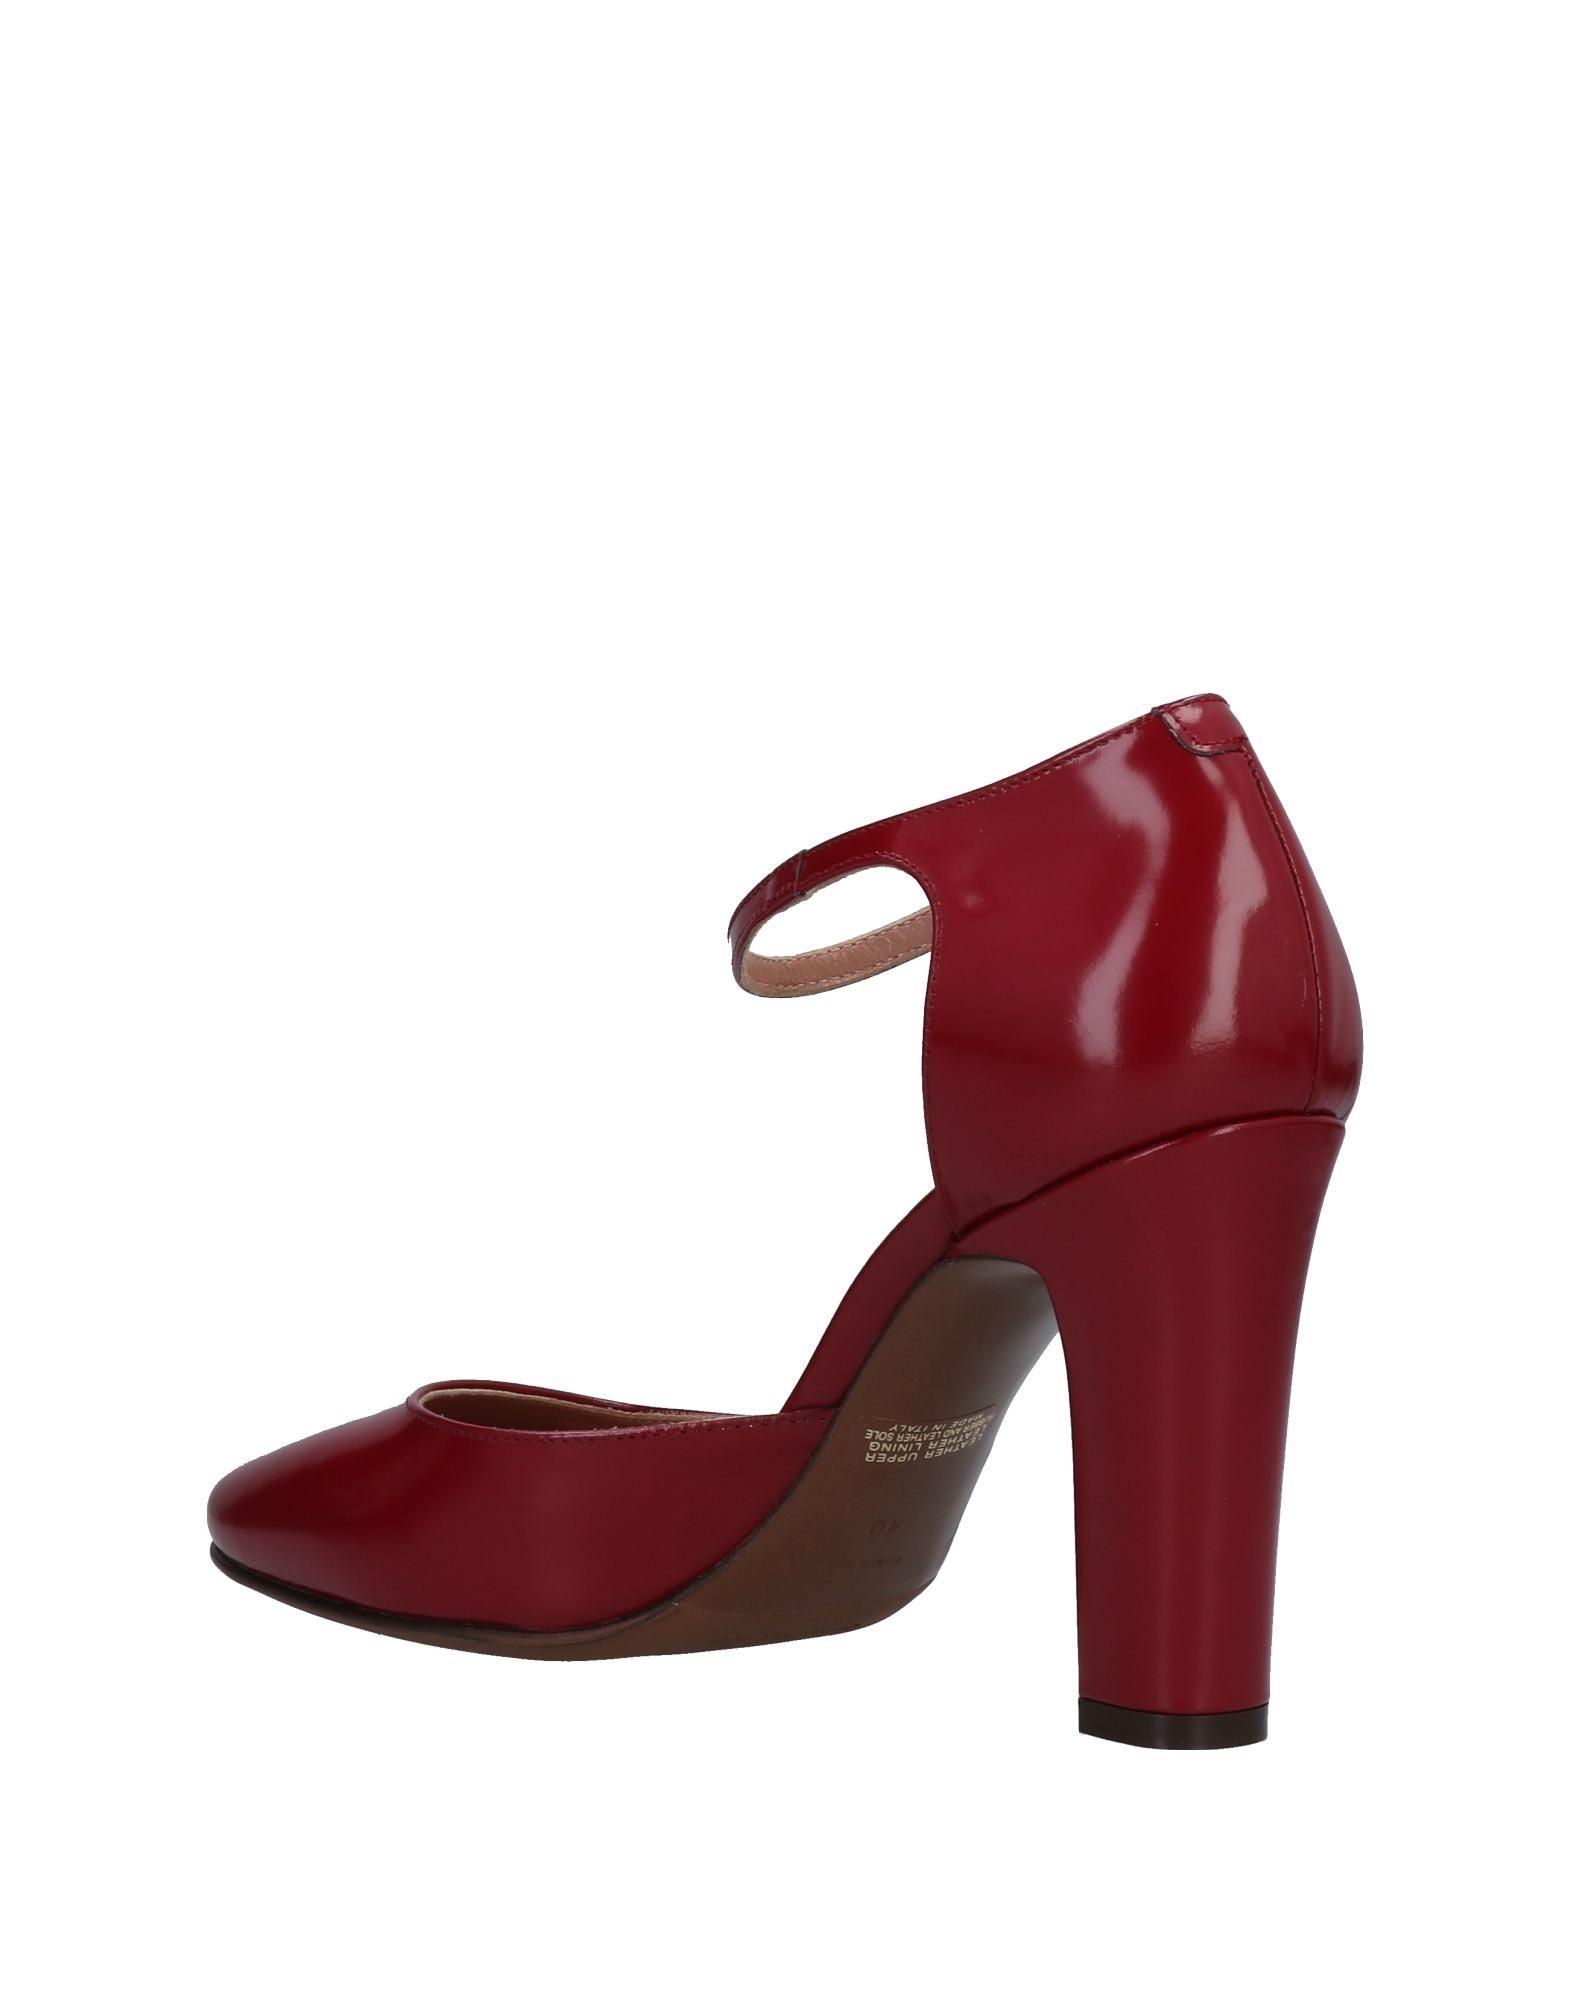 Stilvolle Chose billige Schuhe L' Autre Chose Stilvolle Pumps Damen  11475281AQ 52fe43